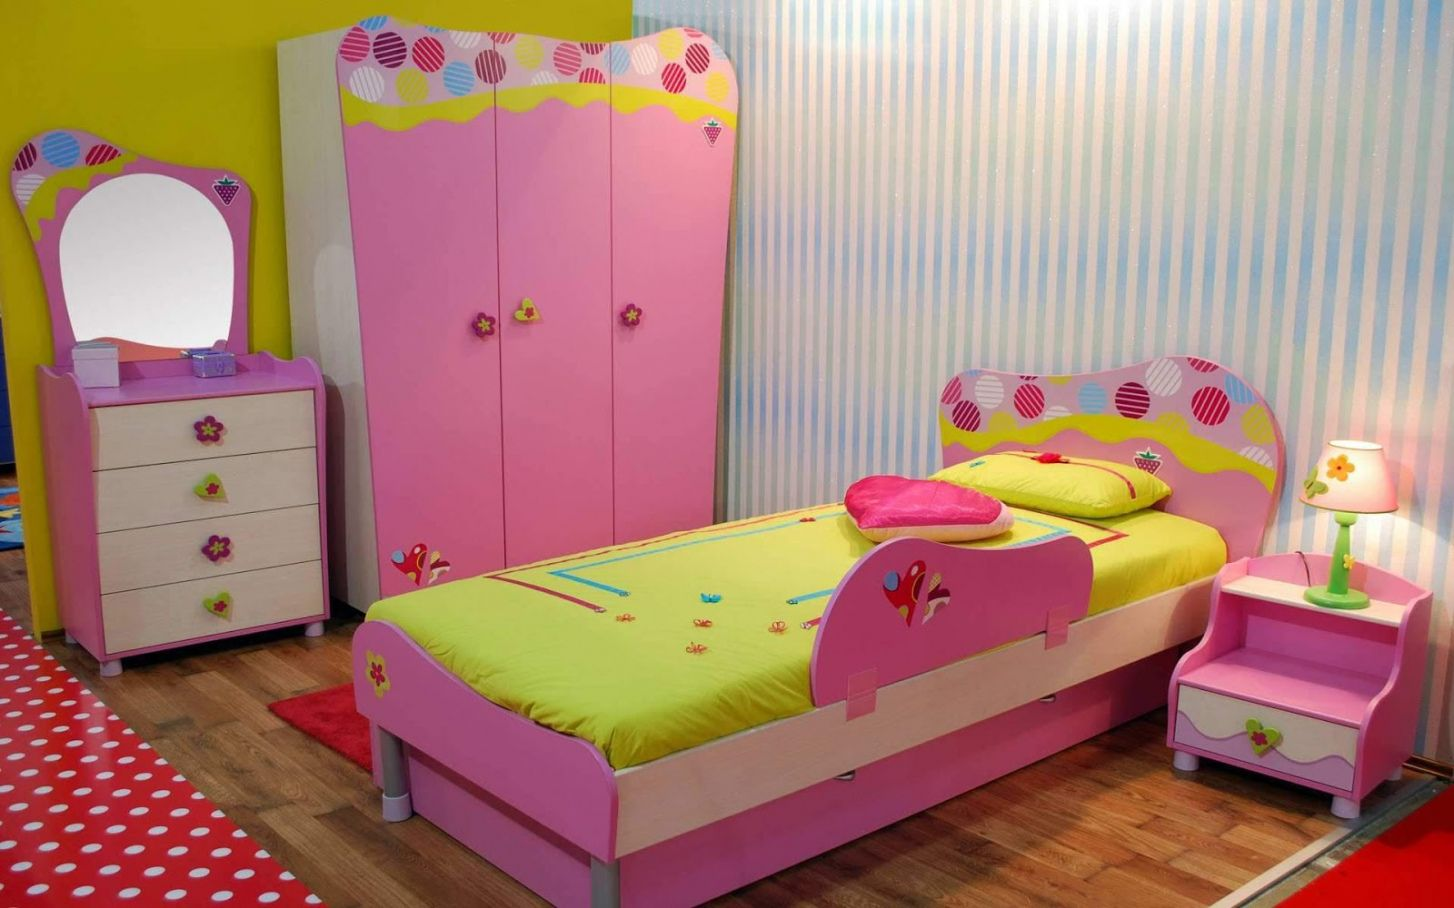 Desain Kamar Tidur Anak Perempuan Minimalis Sederhana Check More